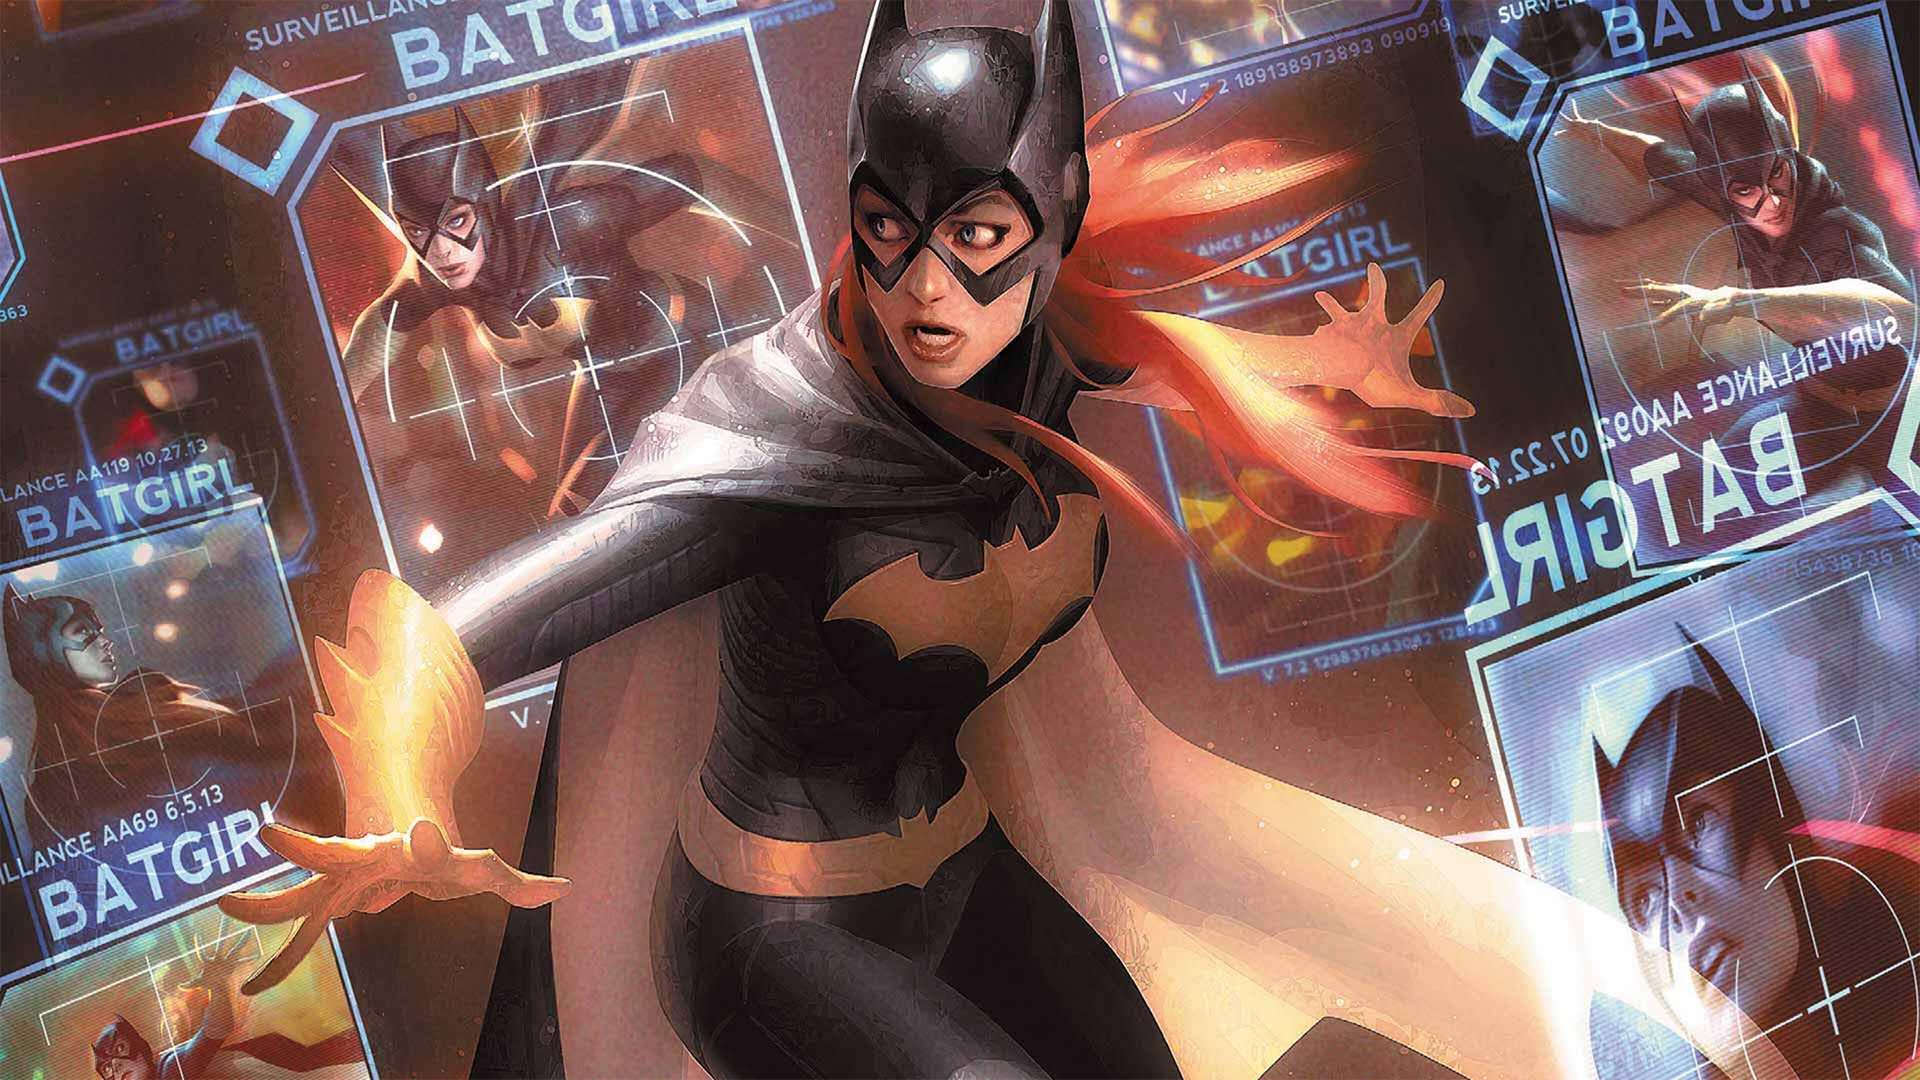 انتشار اولین تصویر مفهومی فیلم Batgirl تا اطلاعاتی از لباس و ظاهر بت گرل